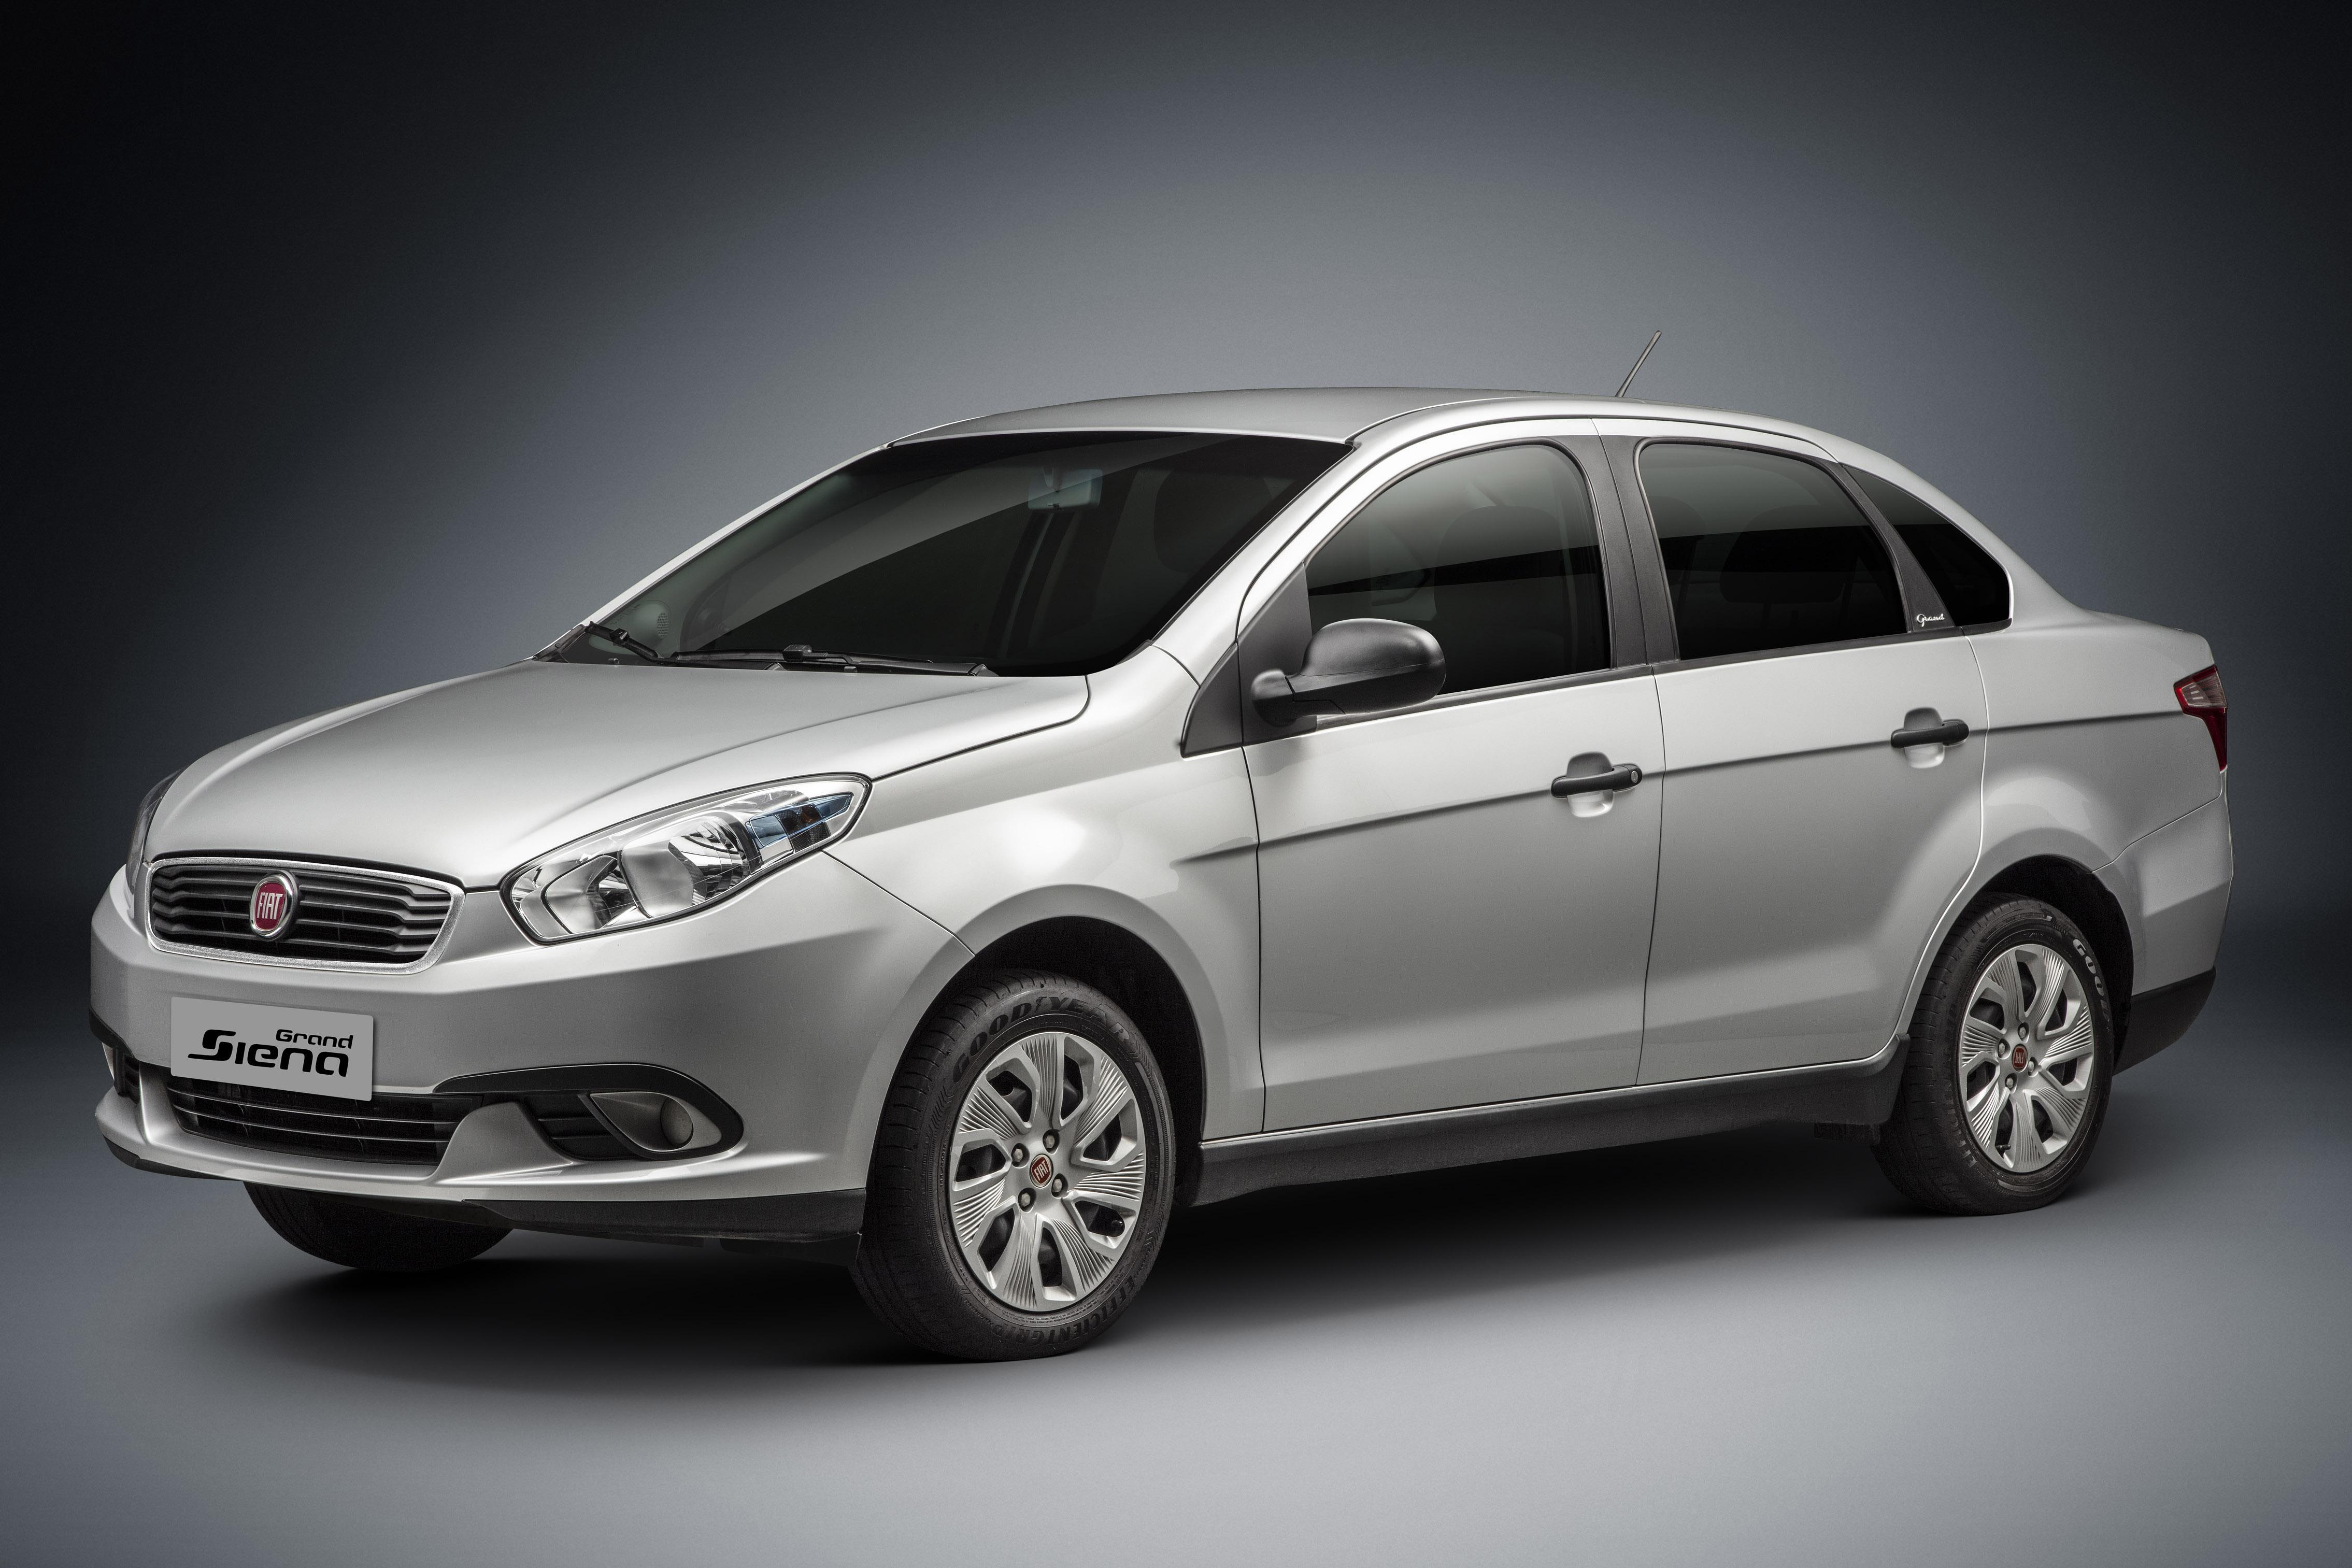 Fiat Grand Siena Passa A Vir Preparado Para Kit Gnv Por R